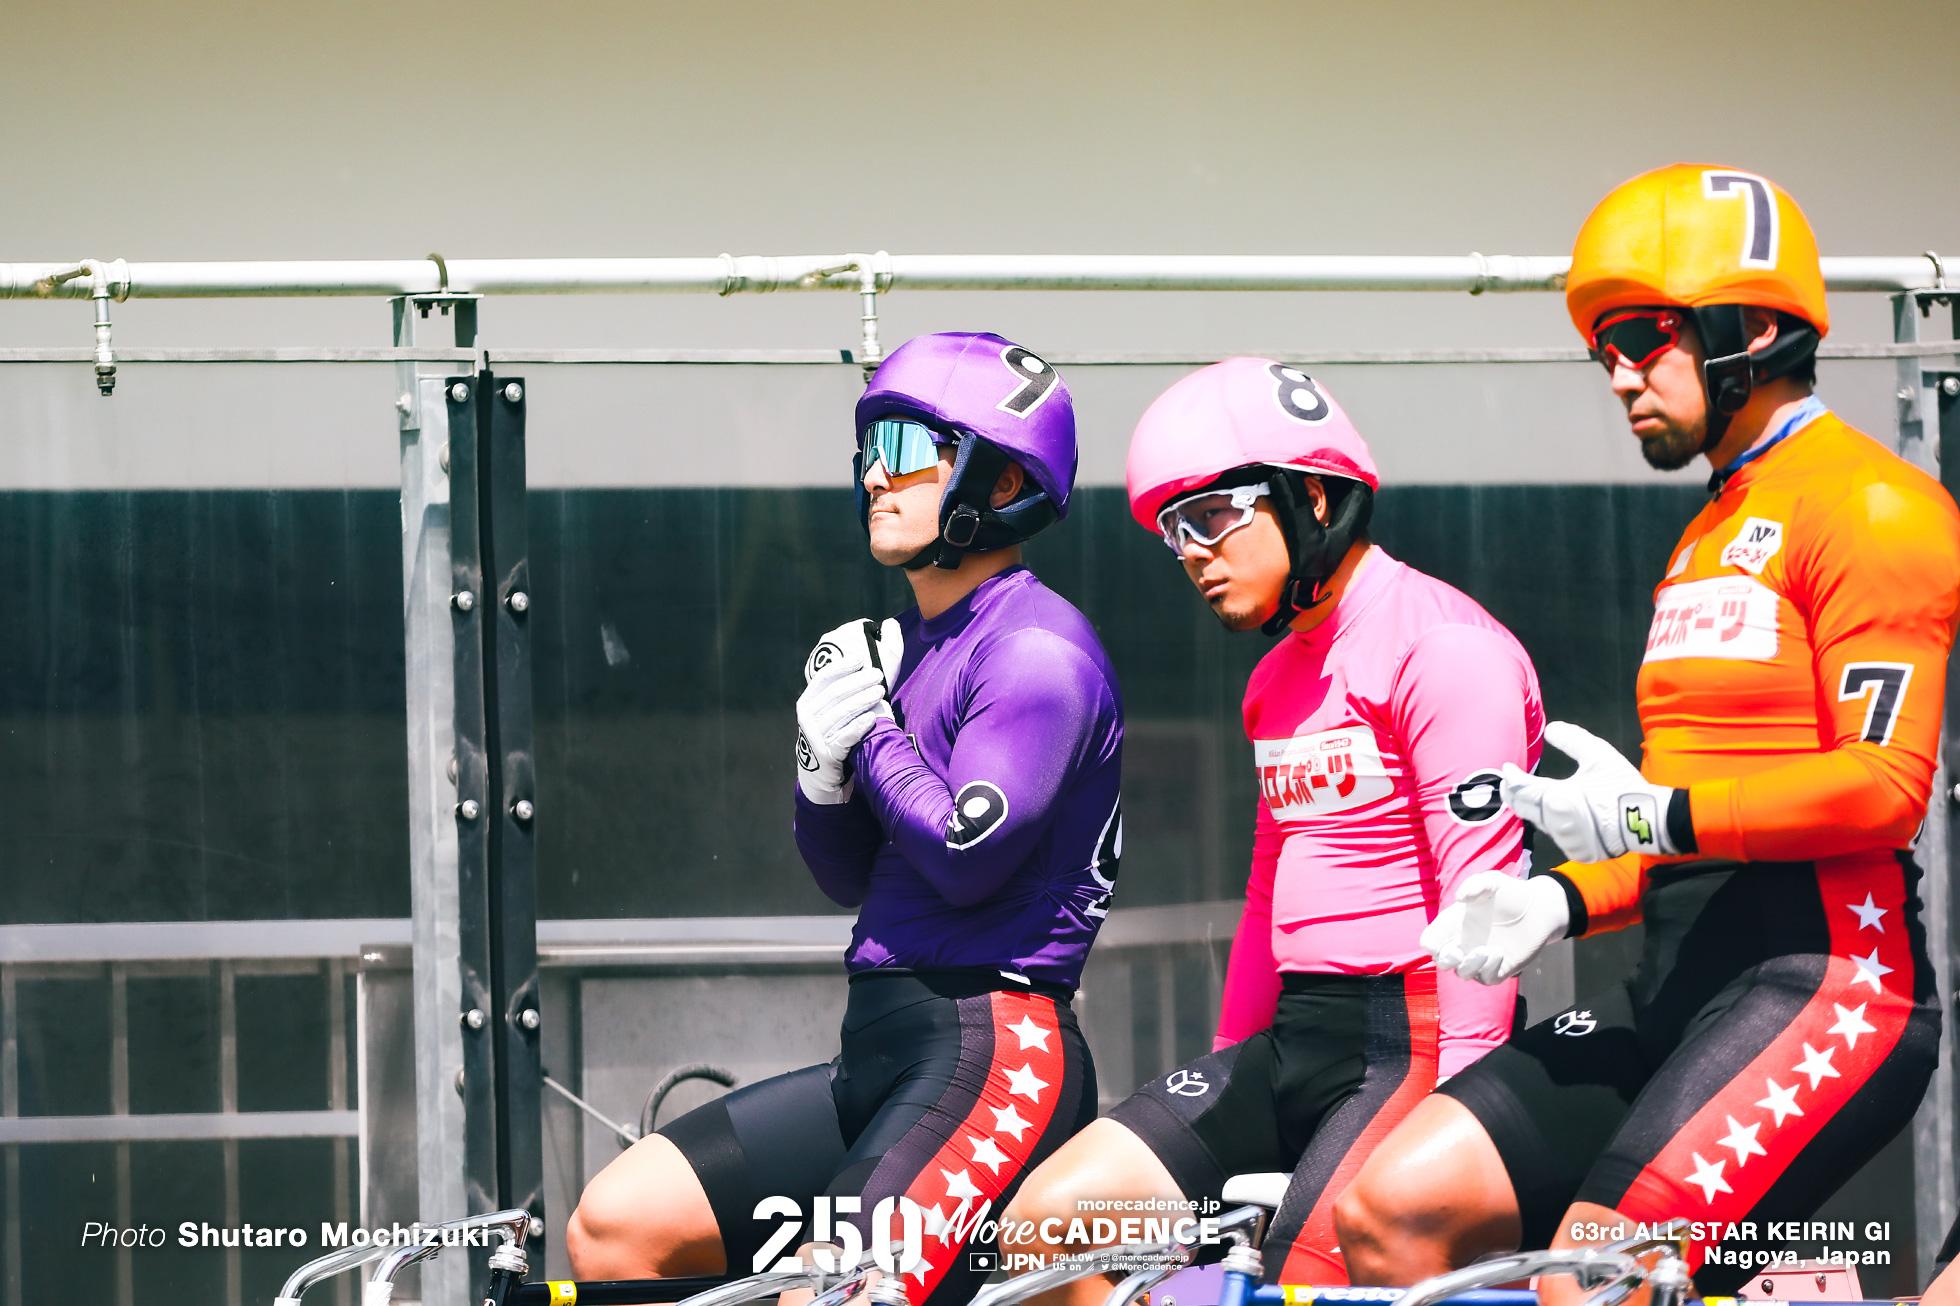 松井宏佑, 第63回オールスター競輪